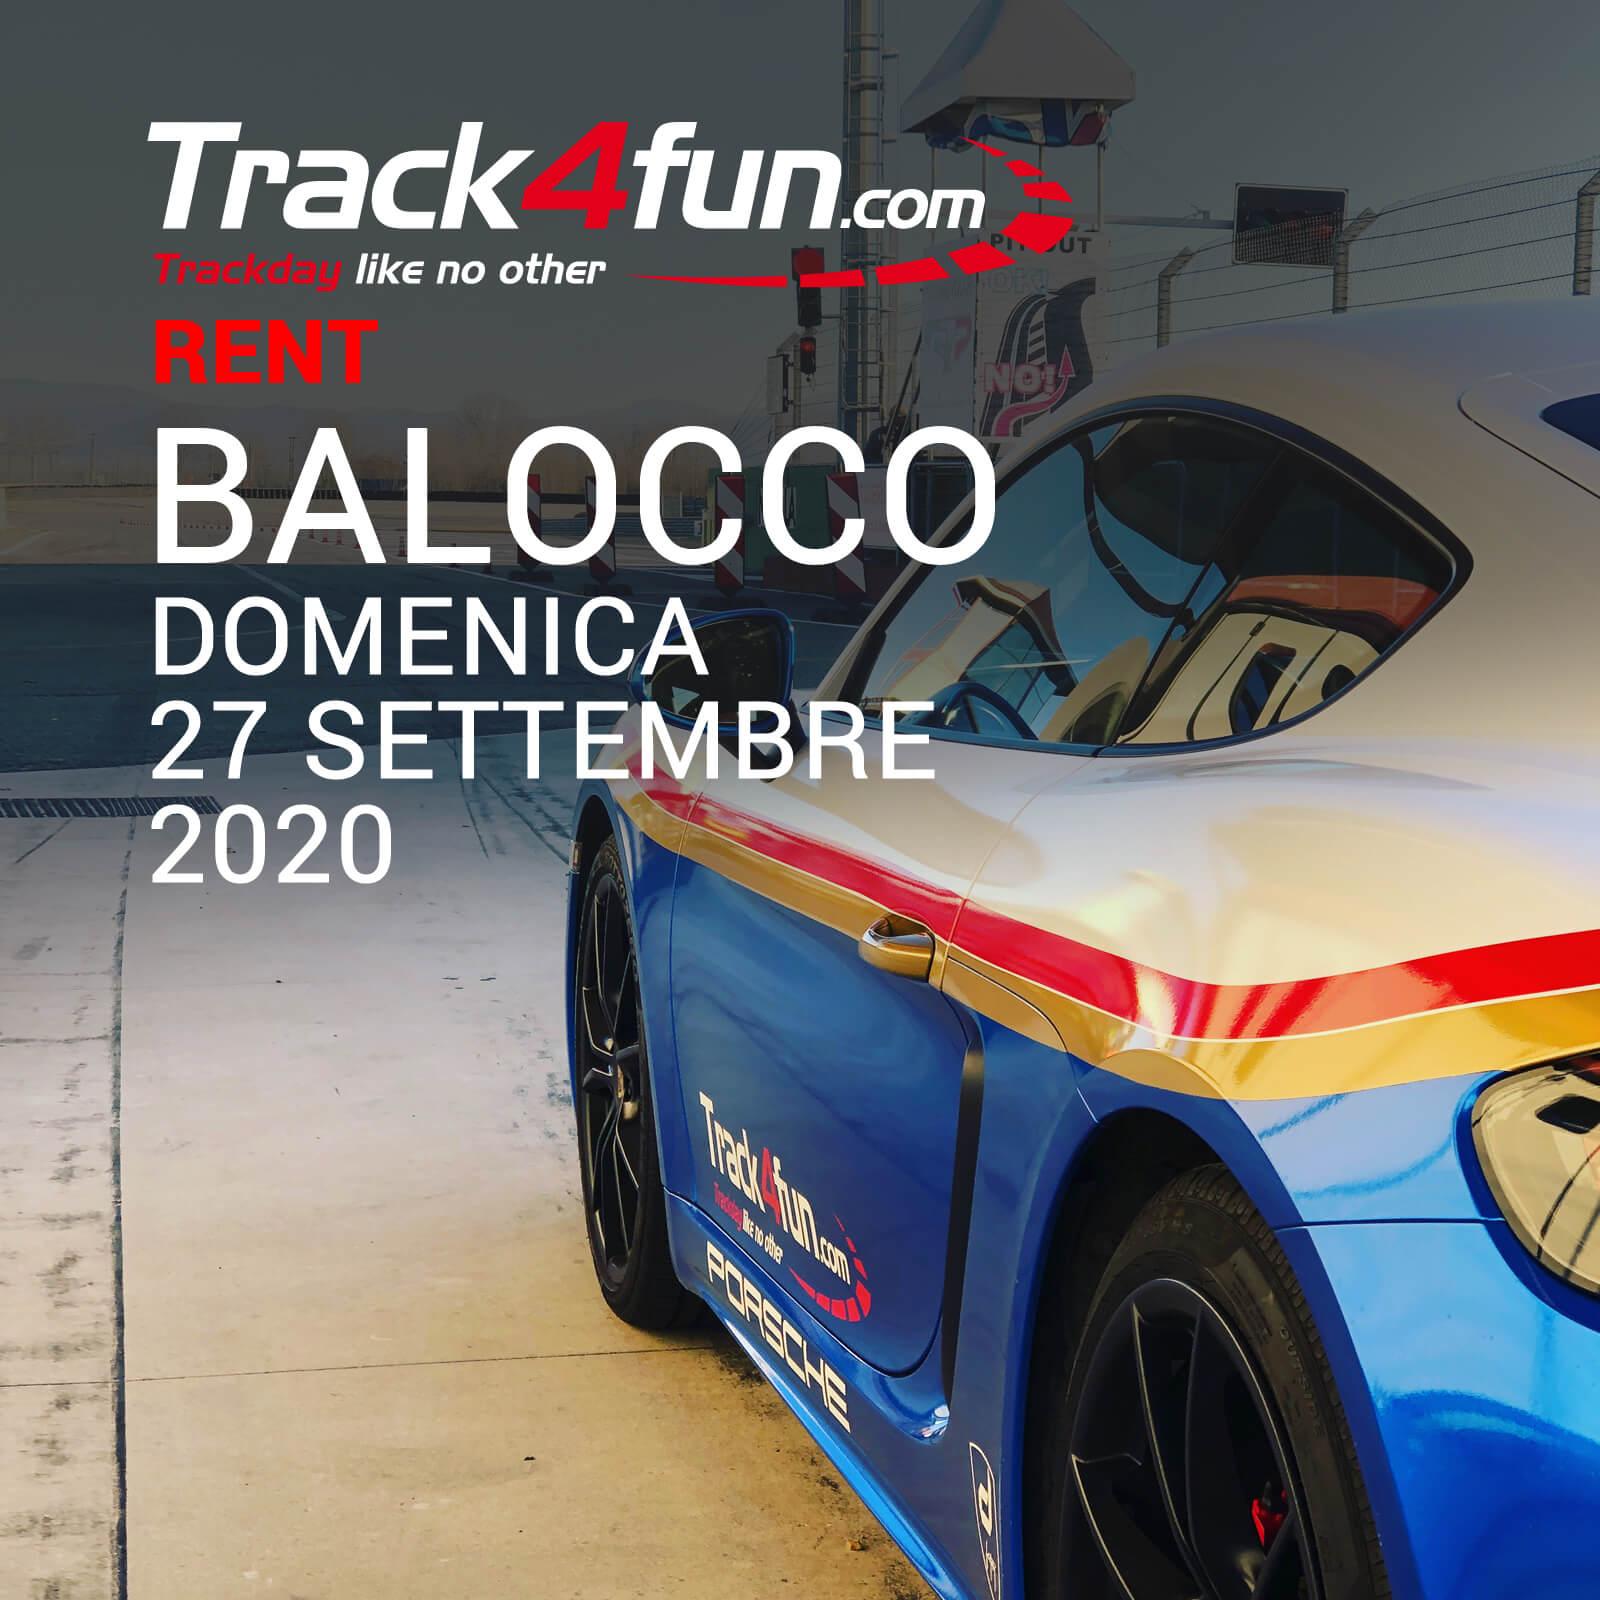 Track4fun Rent Balocco 27-09-2020